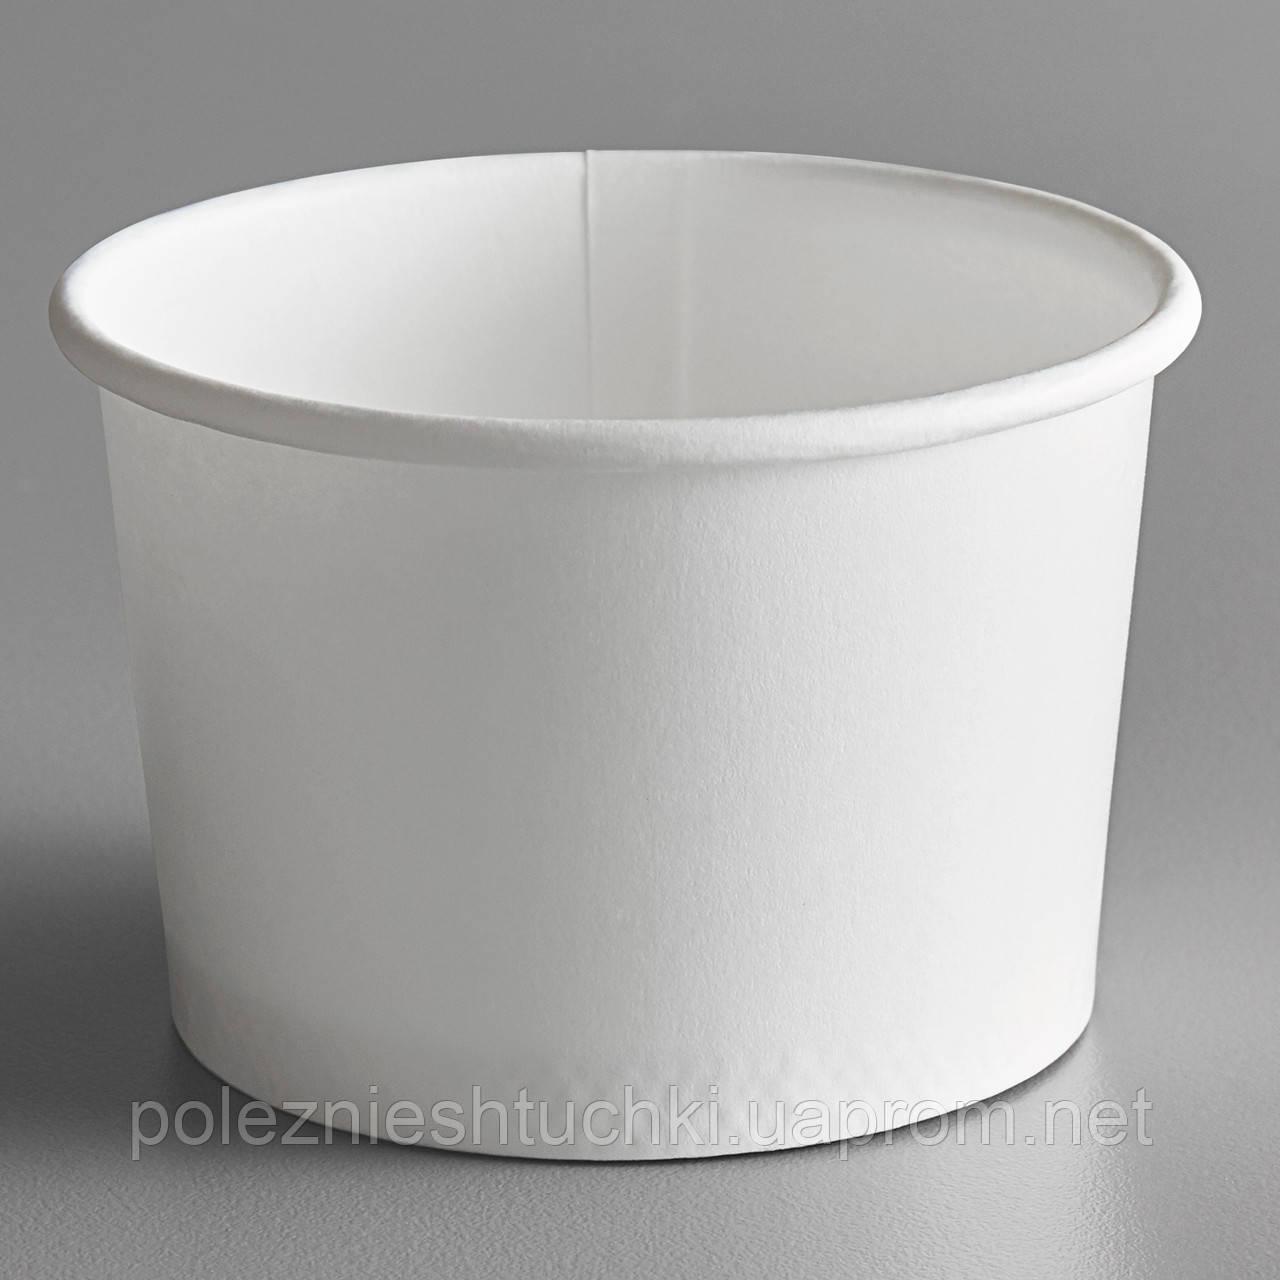 Контейнер бумажный для мороженого 1РЕ белый 125 мл. Ǿ=75мм H=50мм (Крышка с ложкой 011574, Icecream7)